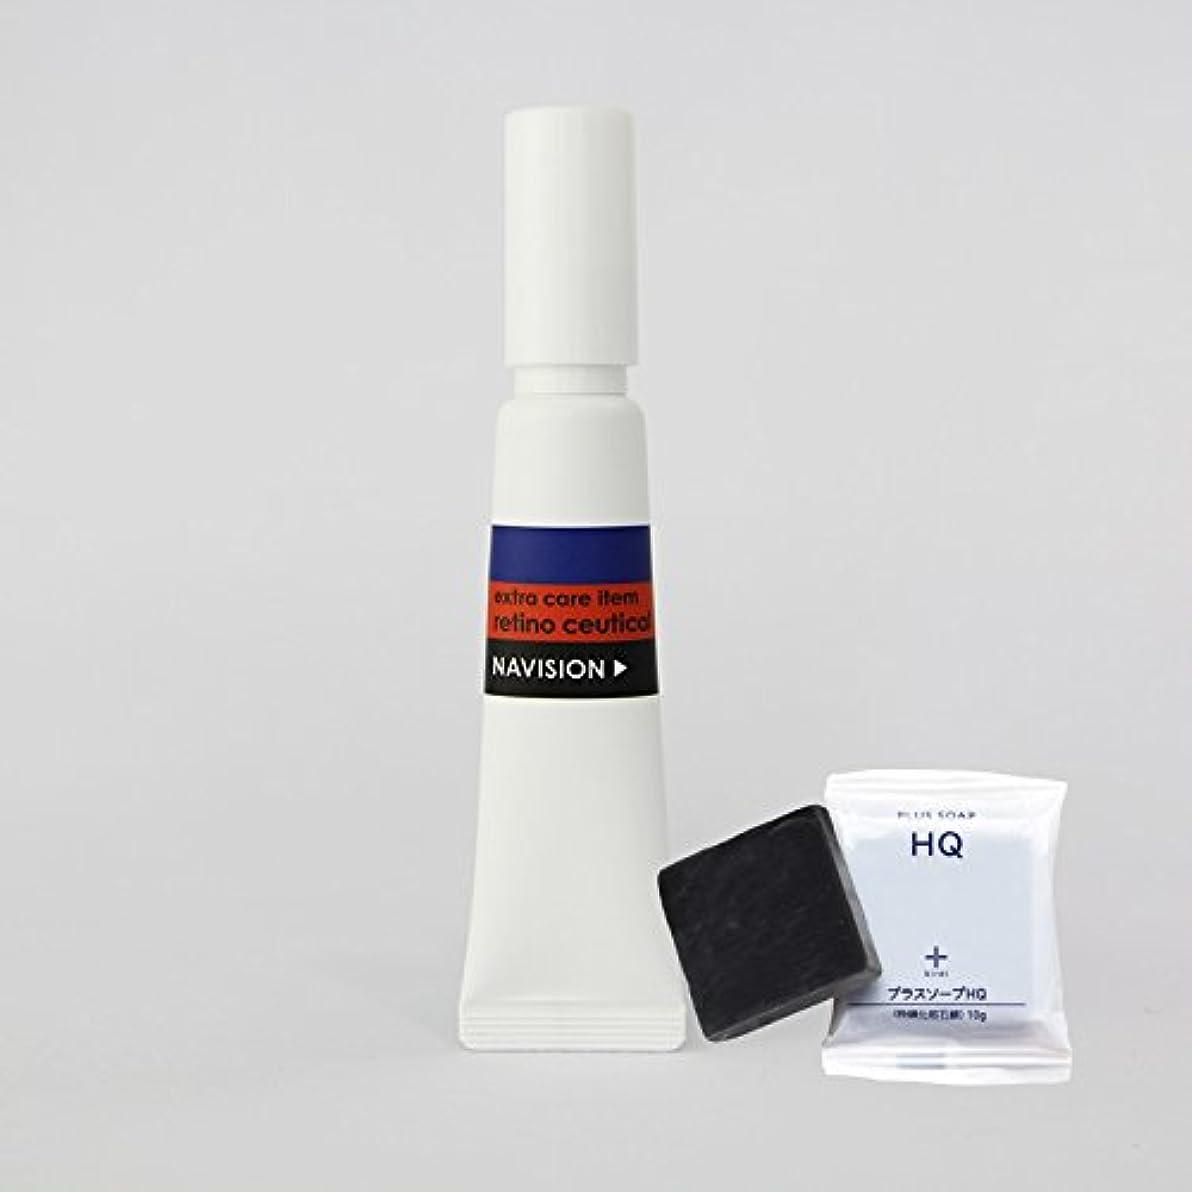 成長する引用ボックスナビジョン NAVISION レチノシューティカル 15g (医薬部外品) + プラスキレイ プラスソープHQミニ